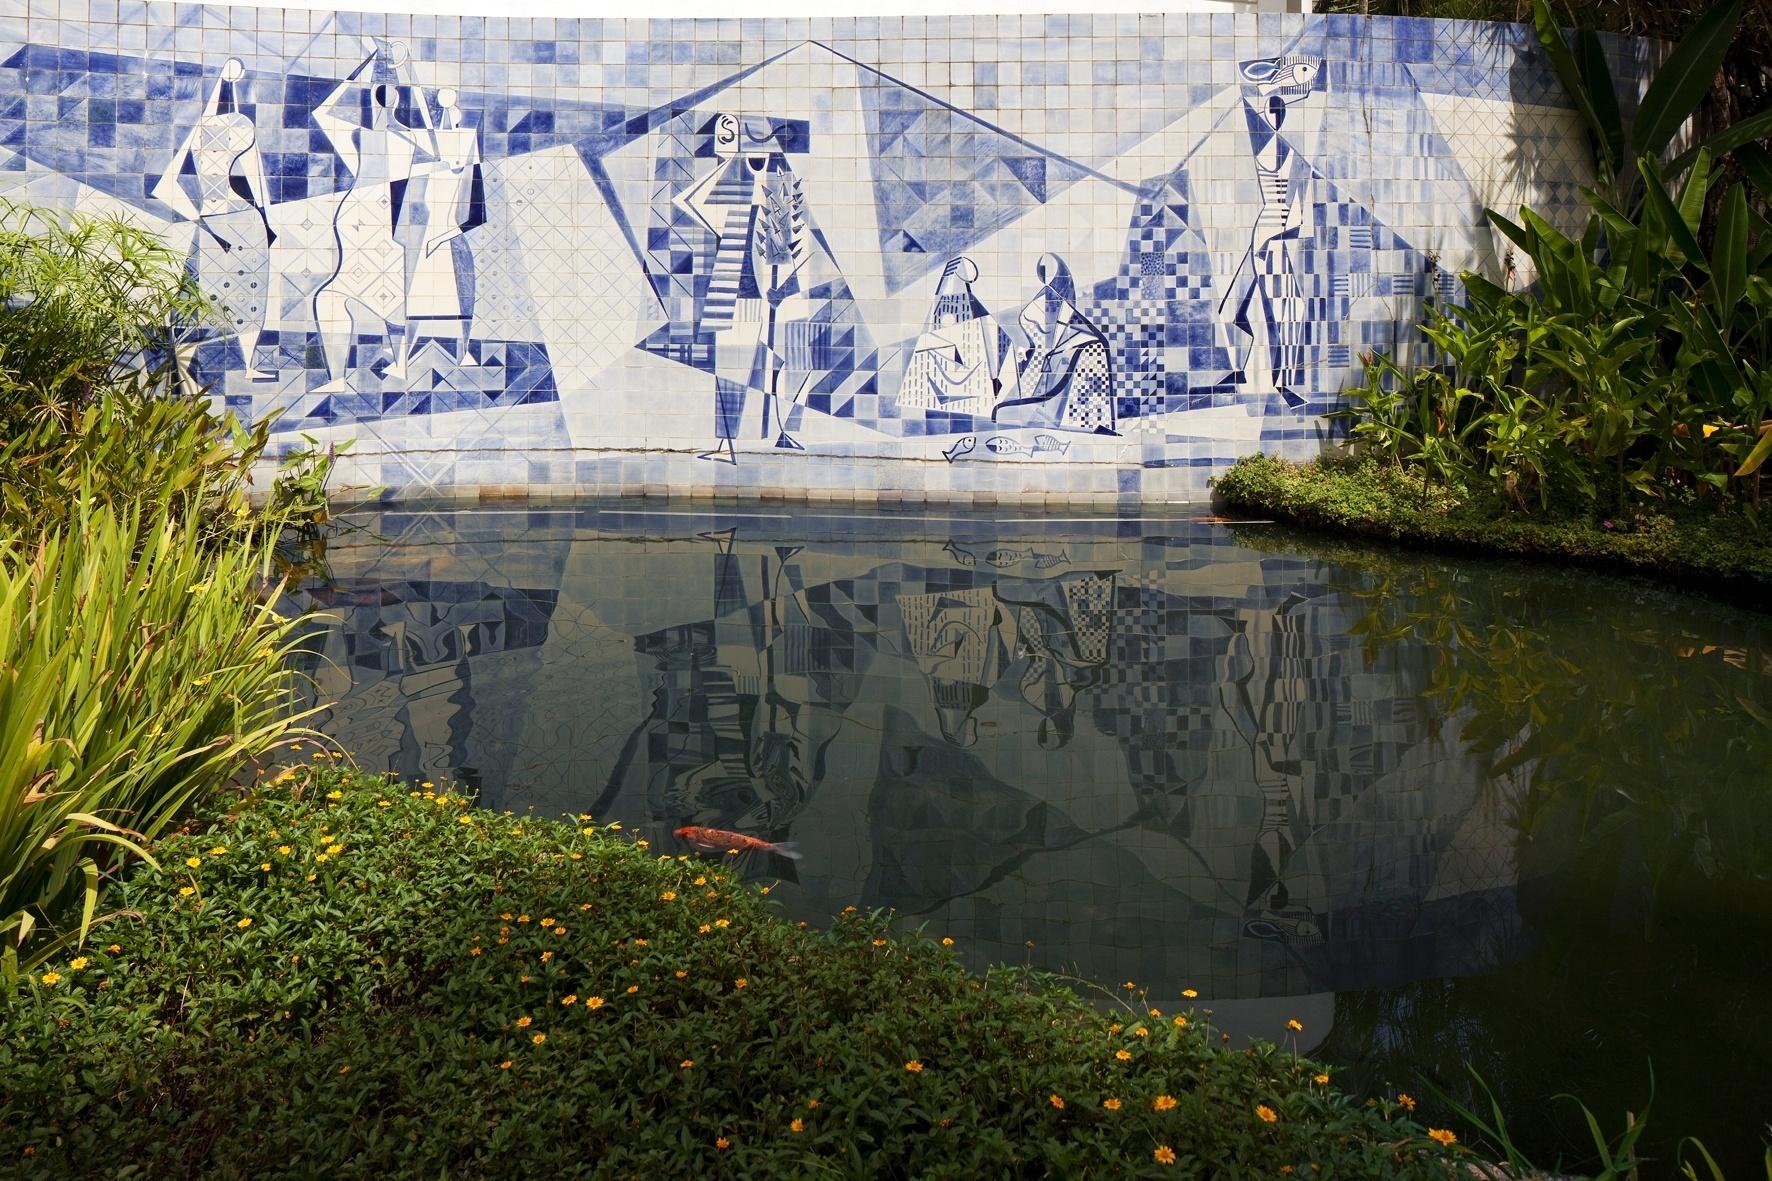 O painel de azulejos mostra peixes e lavadeiras; foi desenhado pelo paisagista Roberto Burle Marx, que criou o jardim da residência Walter Moreira Salles, no Rio de Janeiro, nos anos 1950. No lago, nadam carpas e tartarugas. Para o espelho d'água, o projeto original previa ainda um jardim aquático, com murerés e ninfeias de quatro cores: rosada, rosa-escuro, azul e branco. Nas margens, além dos lírios amarelos, há papiros e lanças-de-são-jorge